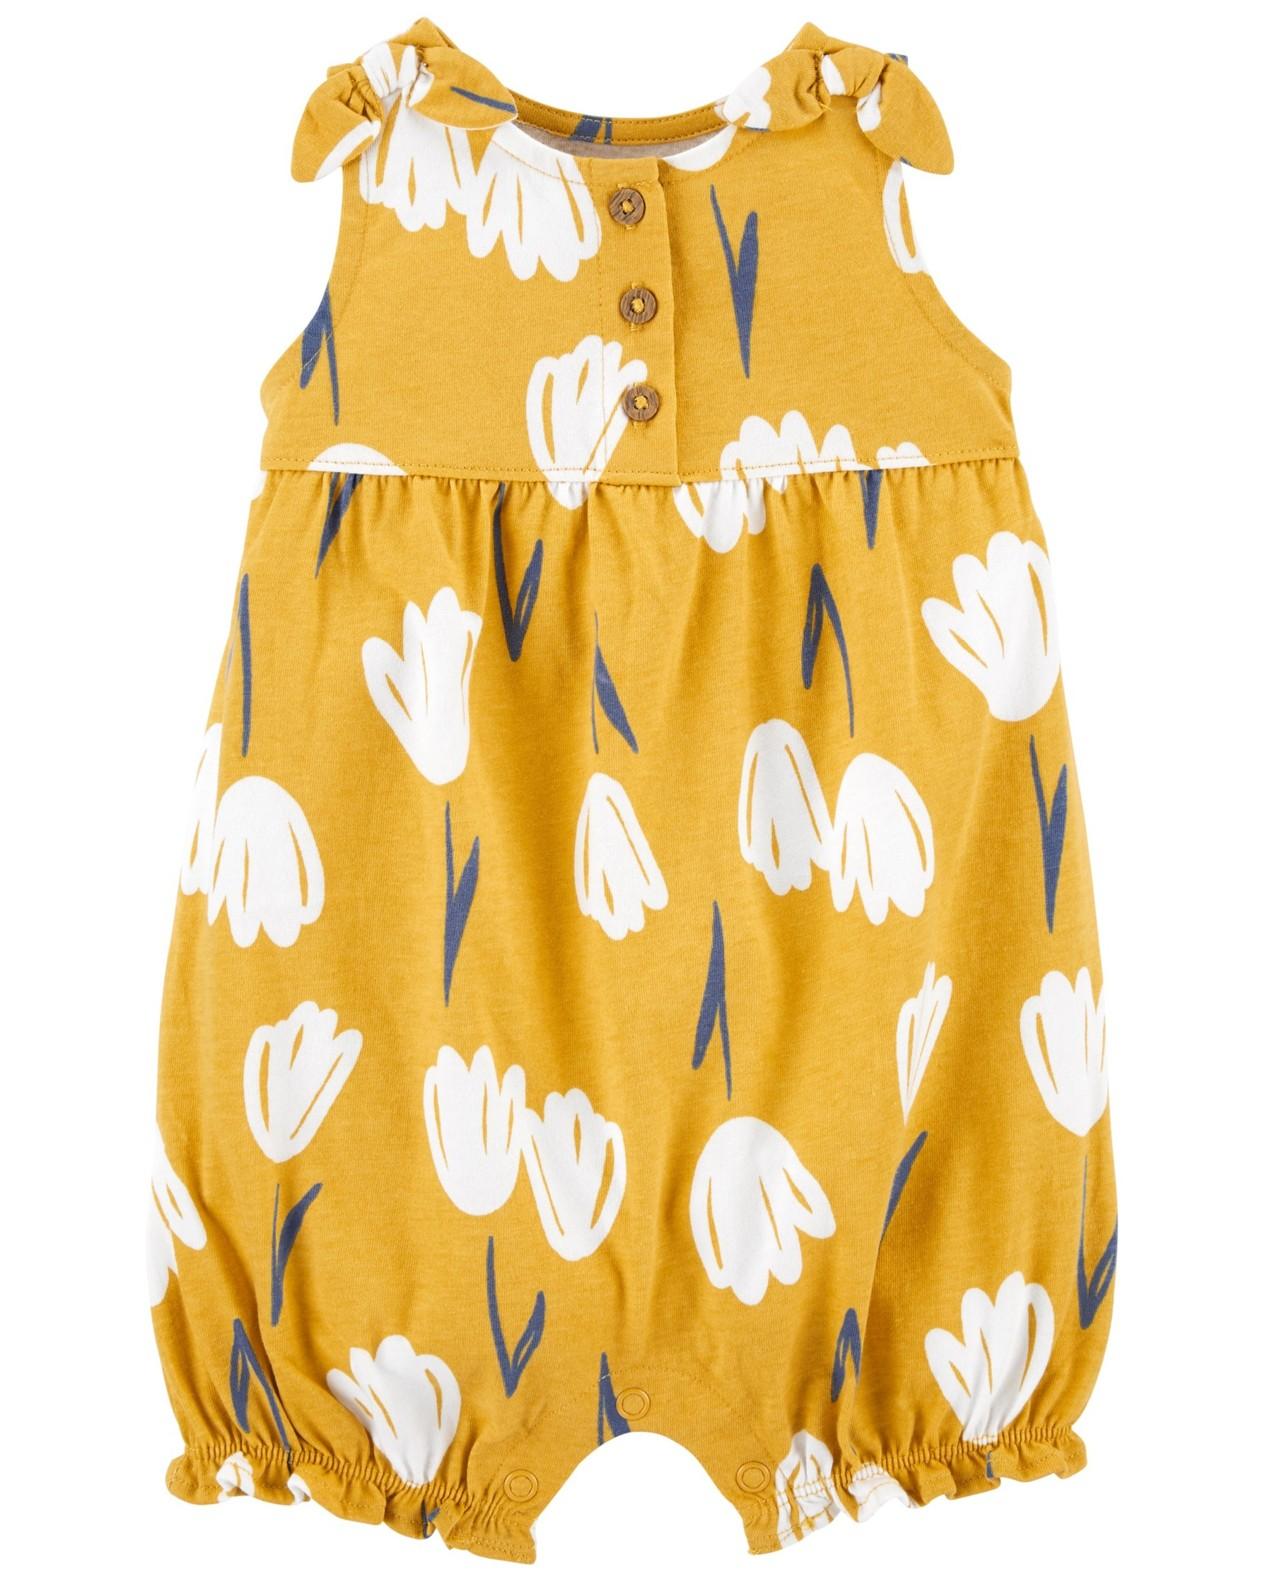 CARTER'S Overal bez rukávov Yellow Floral dievča 24 m, veľ. 92